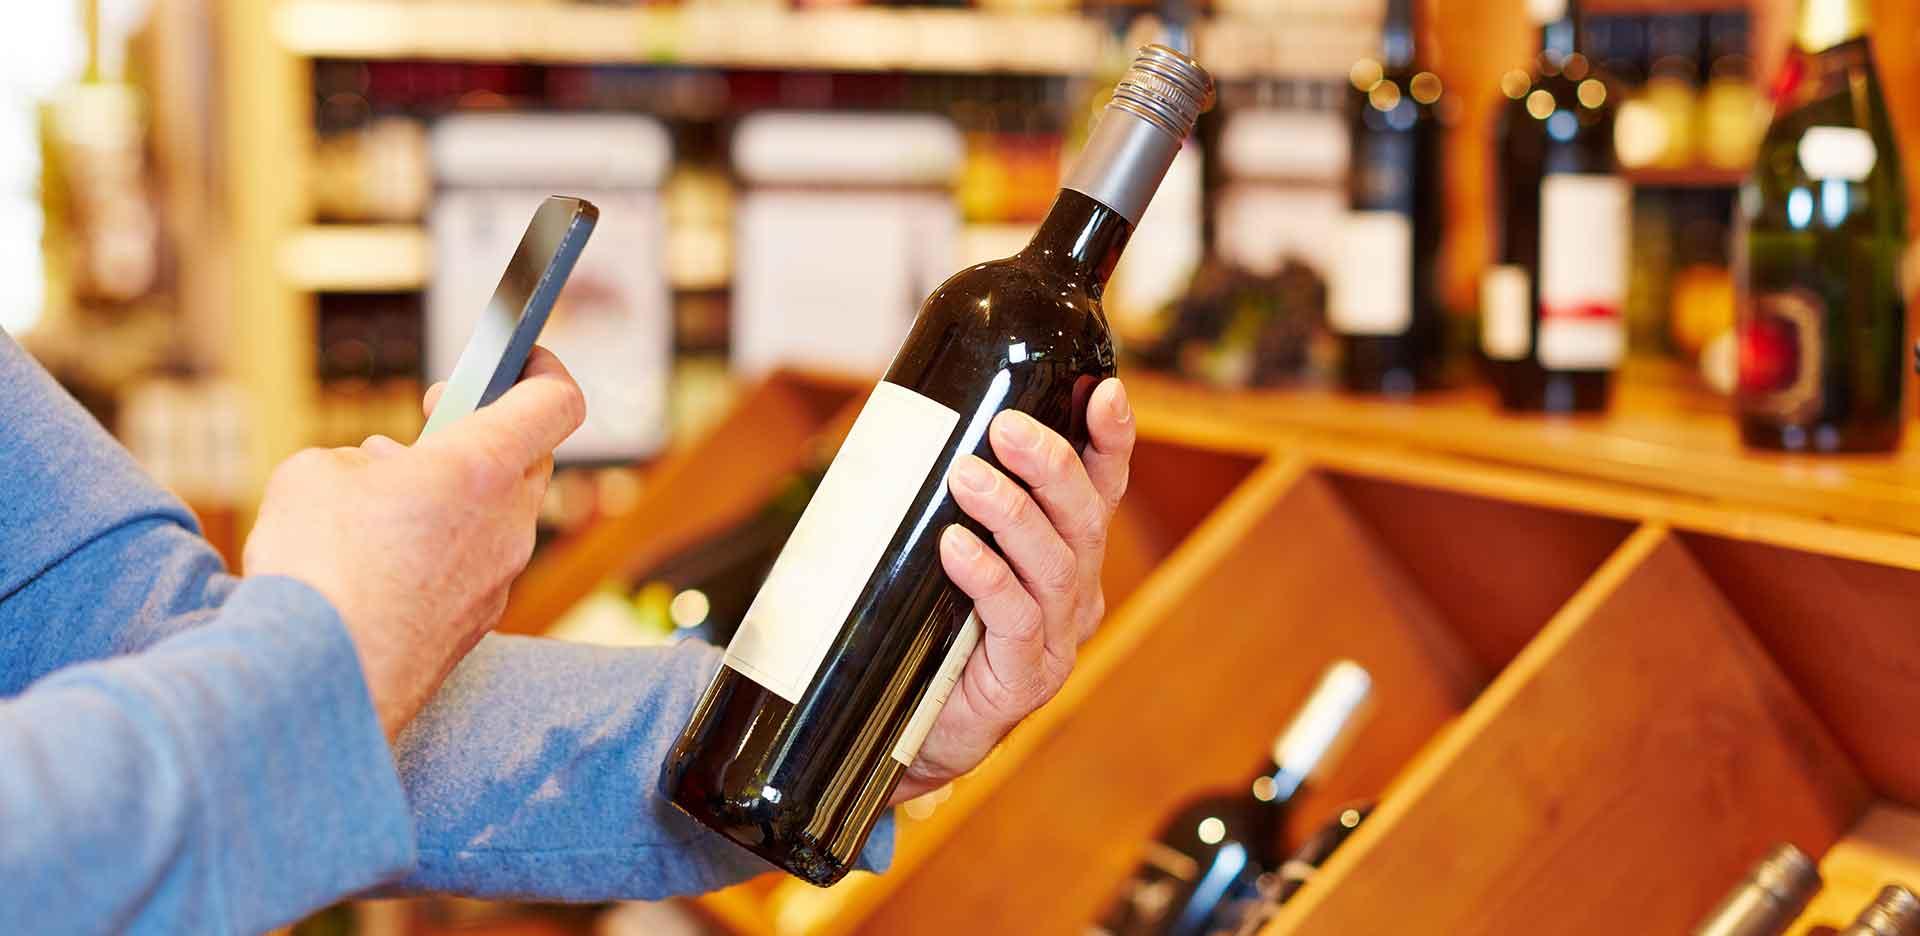 Warum nicht einen dezenten NFC-Chip auf dem Etikett einer Weinflasche. Der Link führt zu interessanten Infos über den aktuellen Jahrgang und den Terminen der Weinproben.